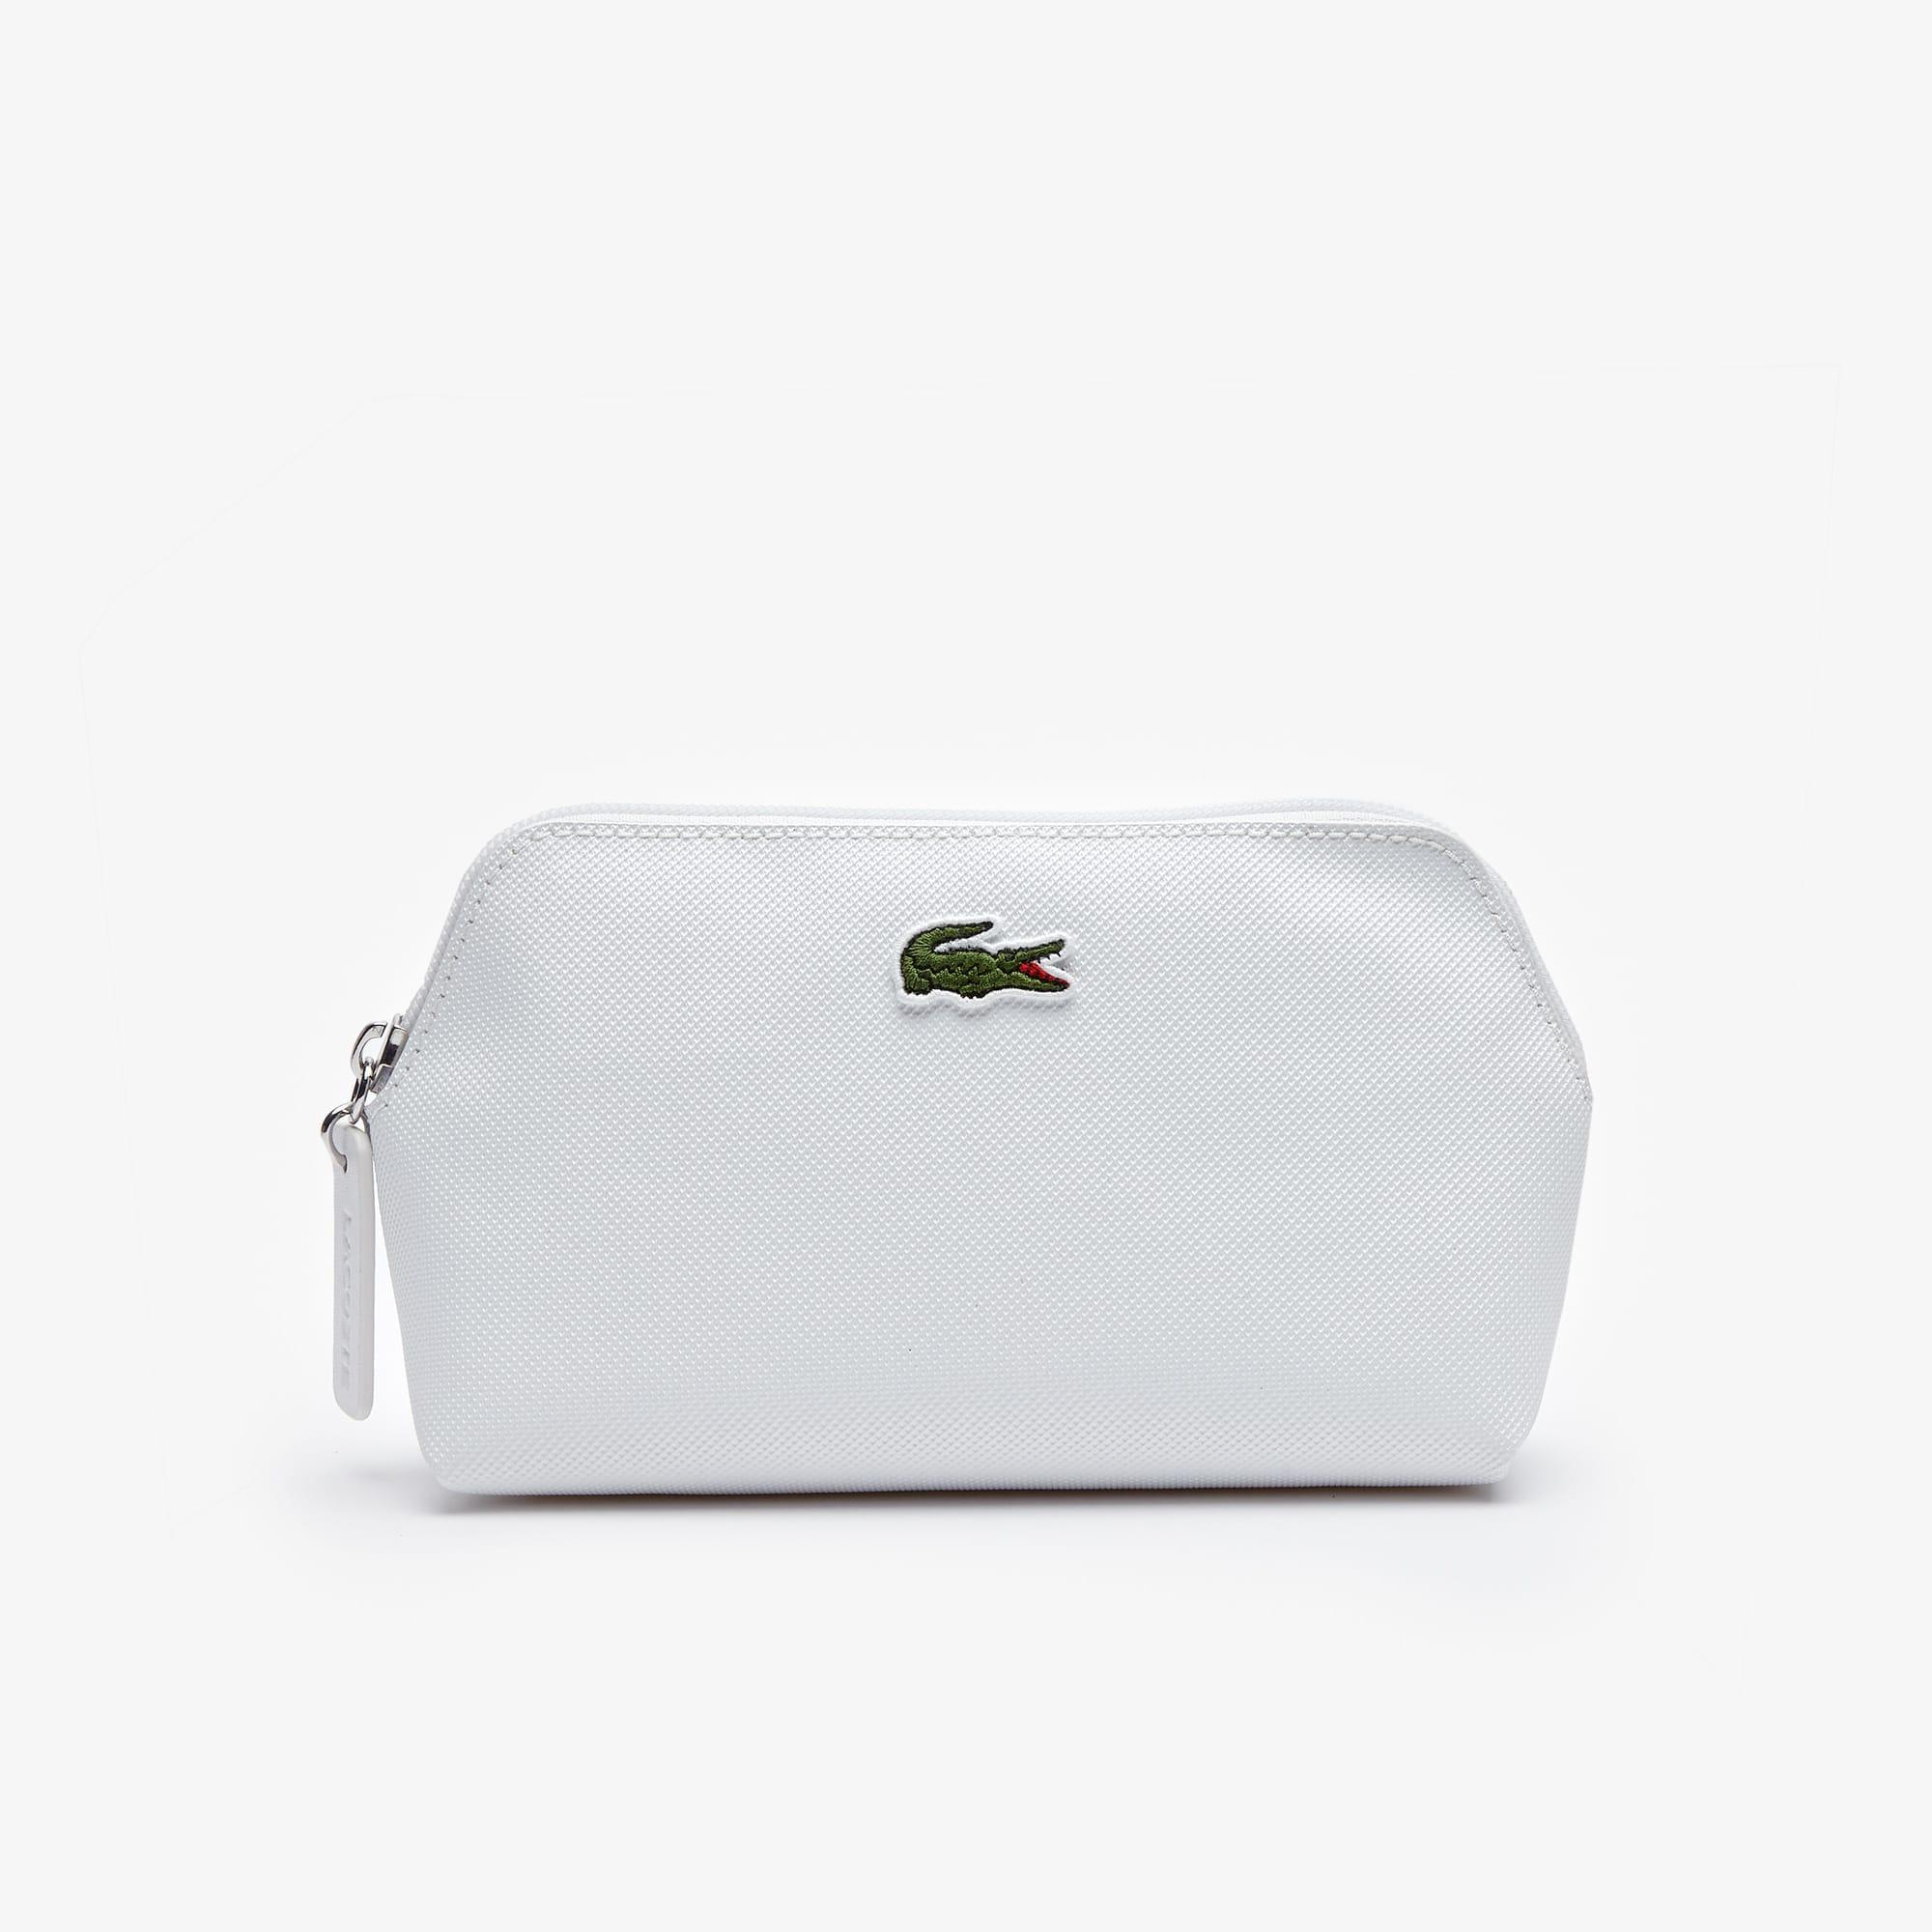 Women's L.12.12 Concept Petit Piqué Makeup Bag by Lacoste